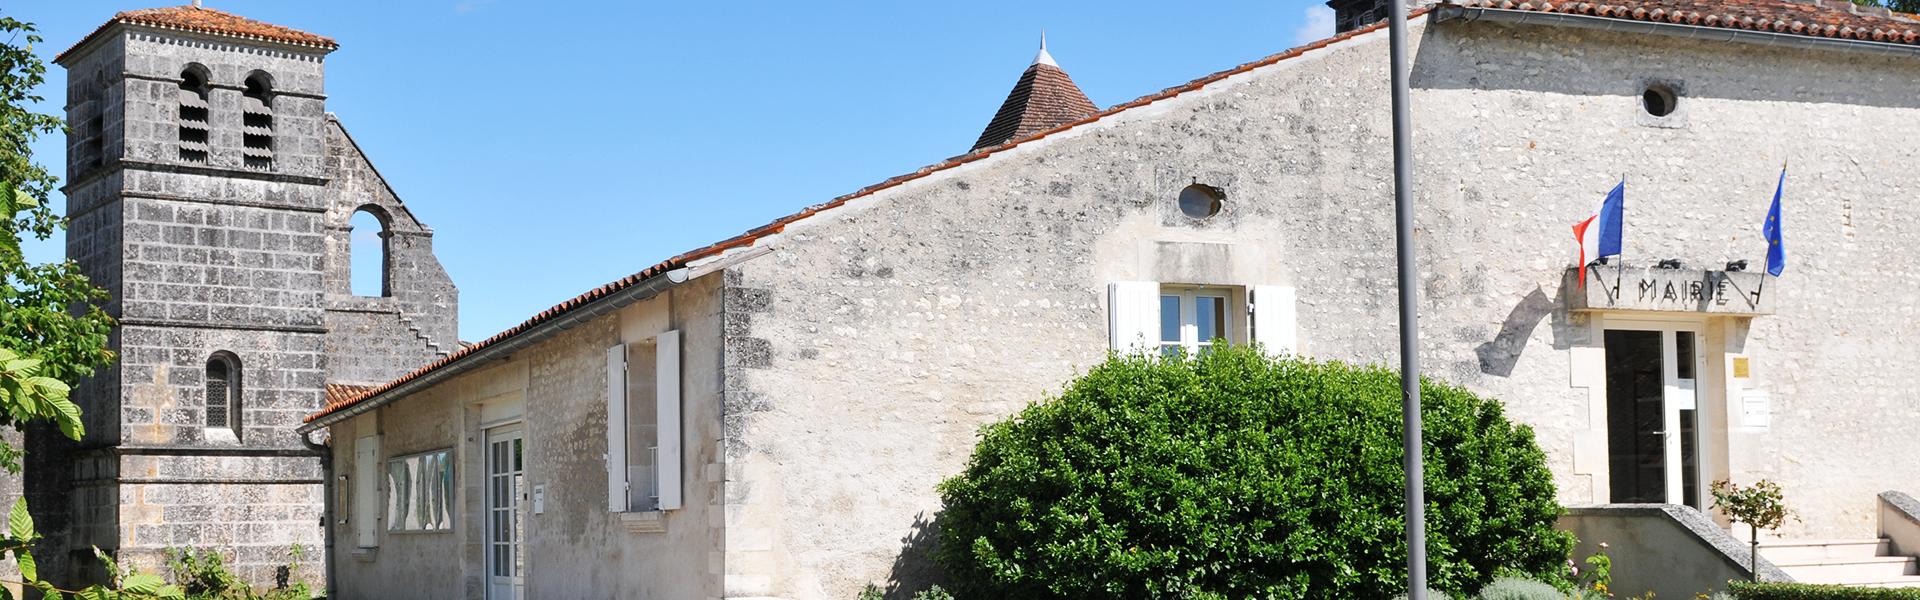 Mairie-Eglise-Ars-02